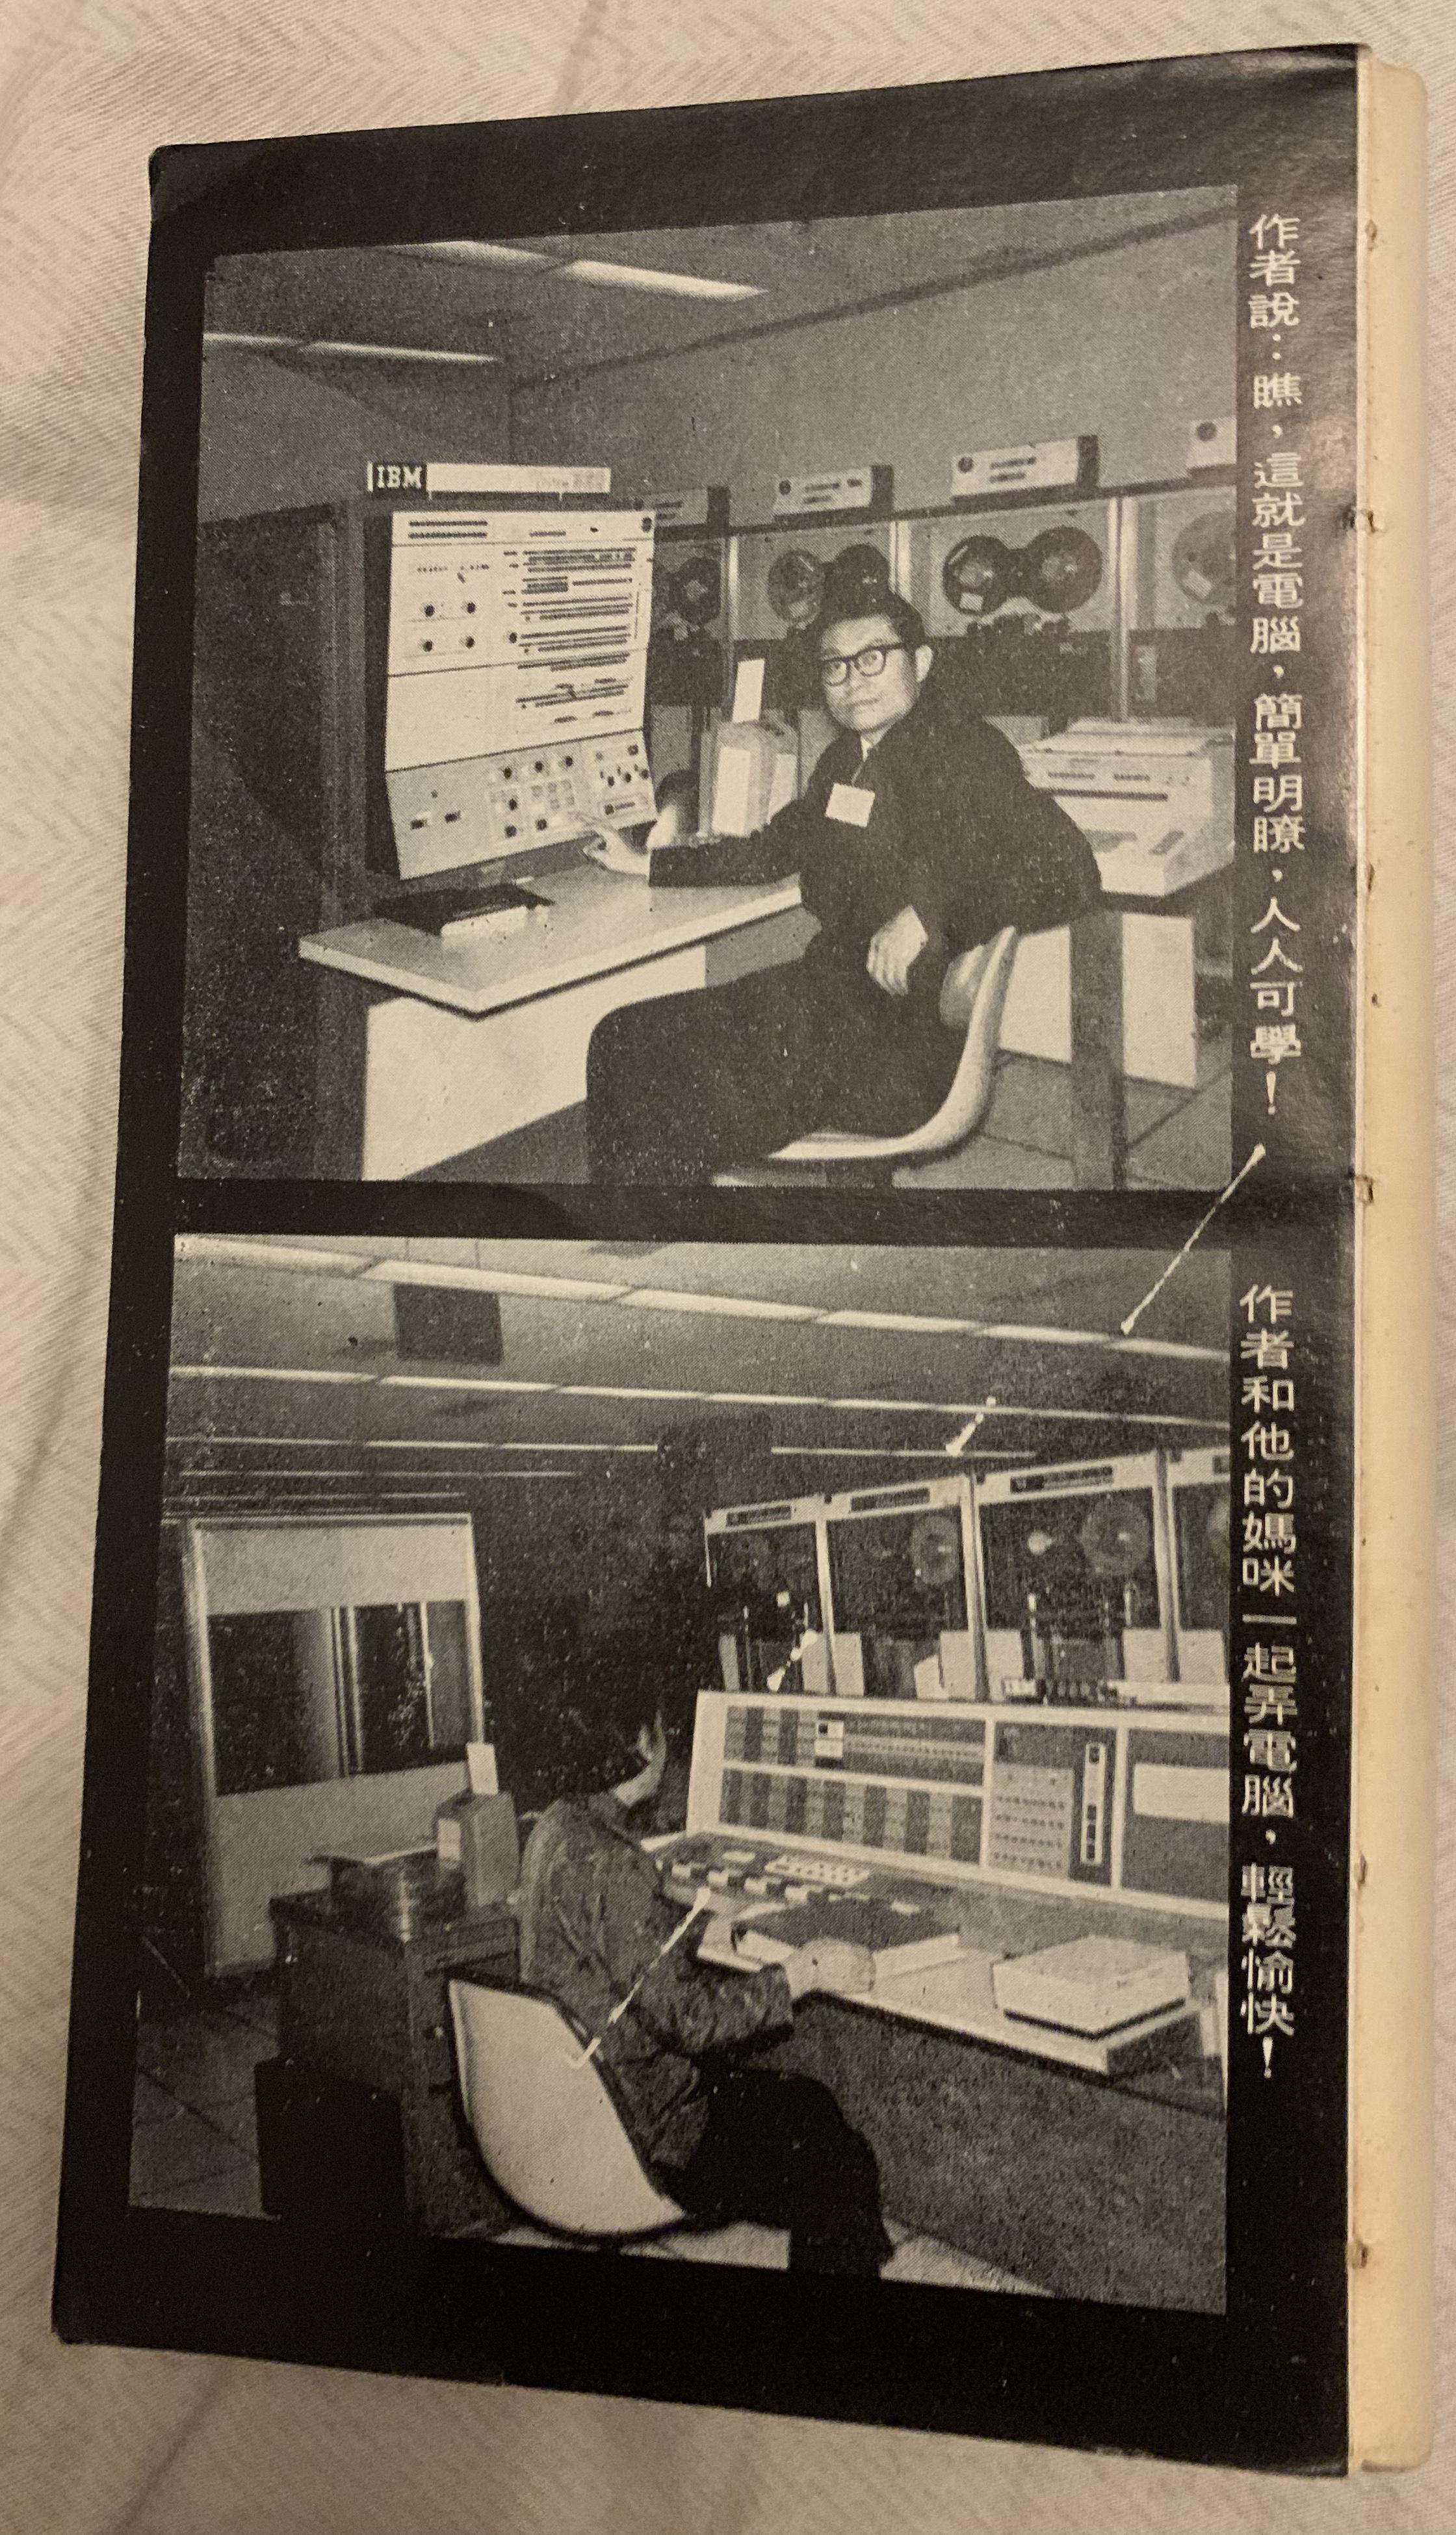 世界电脑巨人中国范光陵说人工智能产生惊人